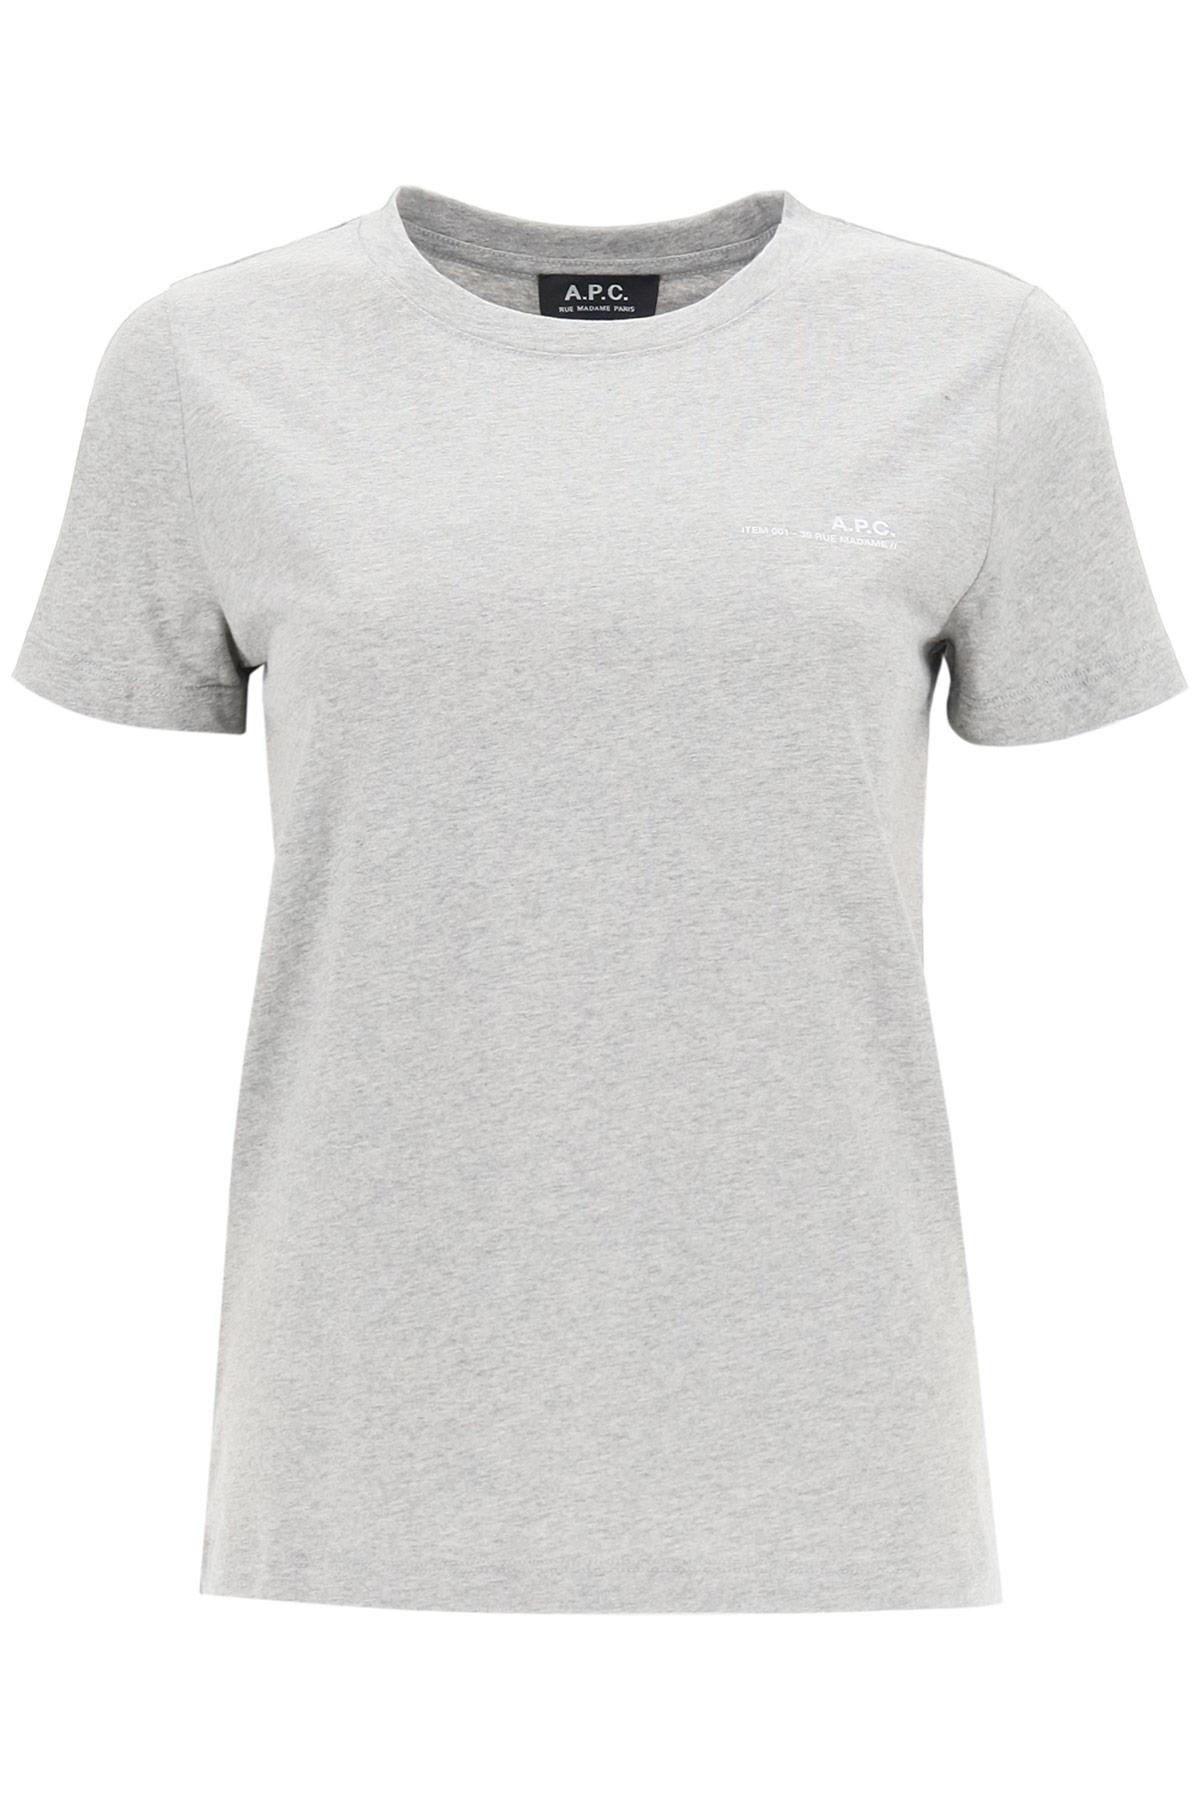 A.P.C. ITEM 001 T-SHIRT WITH LOGO PRINT XS Grey Cotton